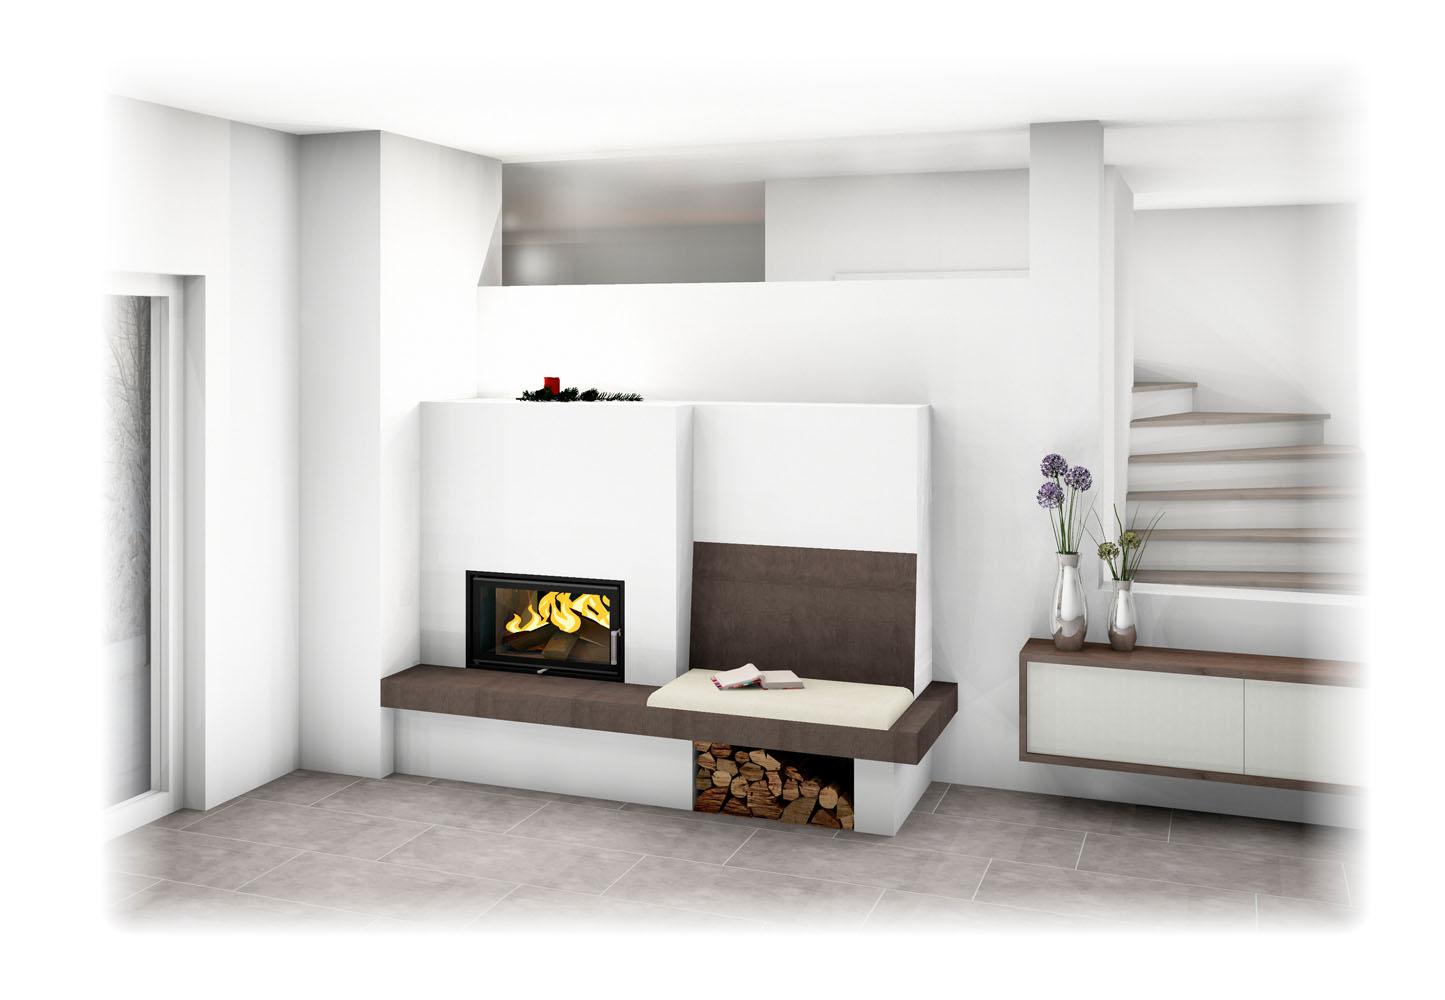 kachelofen modern und traditionell sigmund fen und fliesen. Black Bedroom Furniture Sets. Home Design Ideas